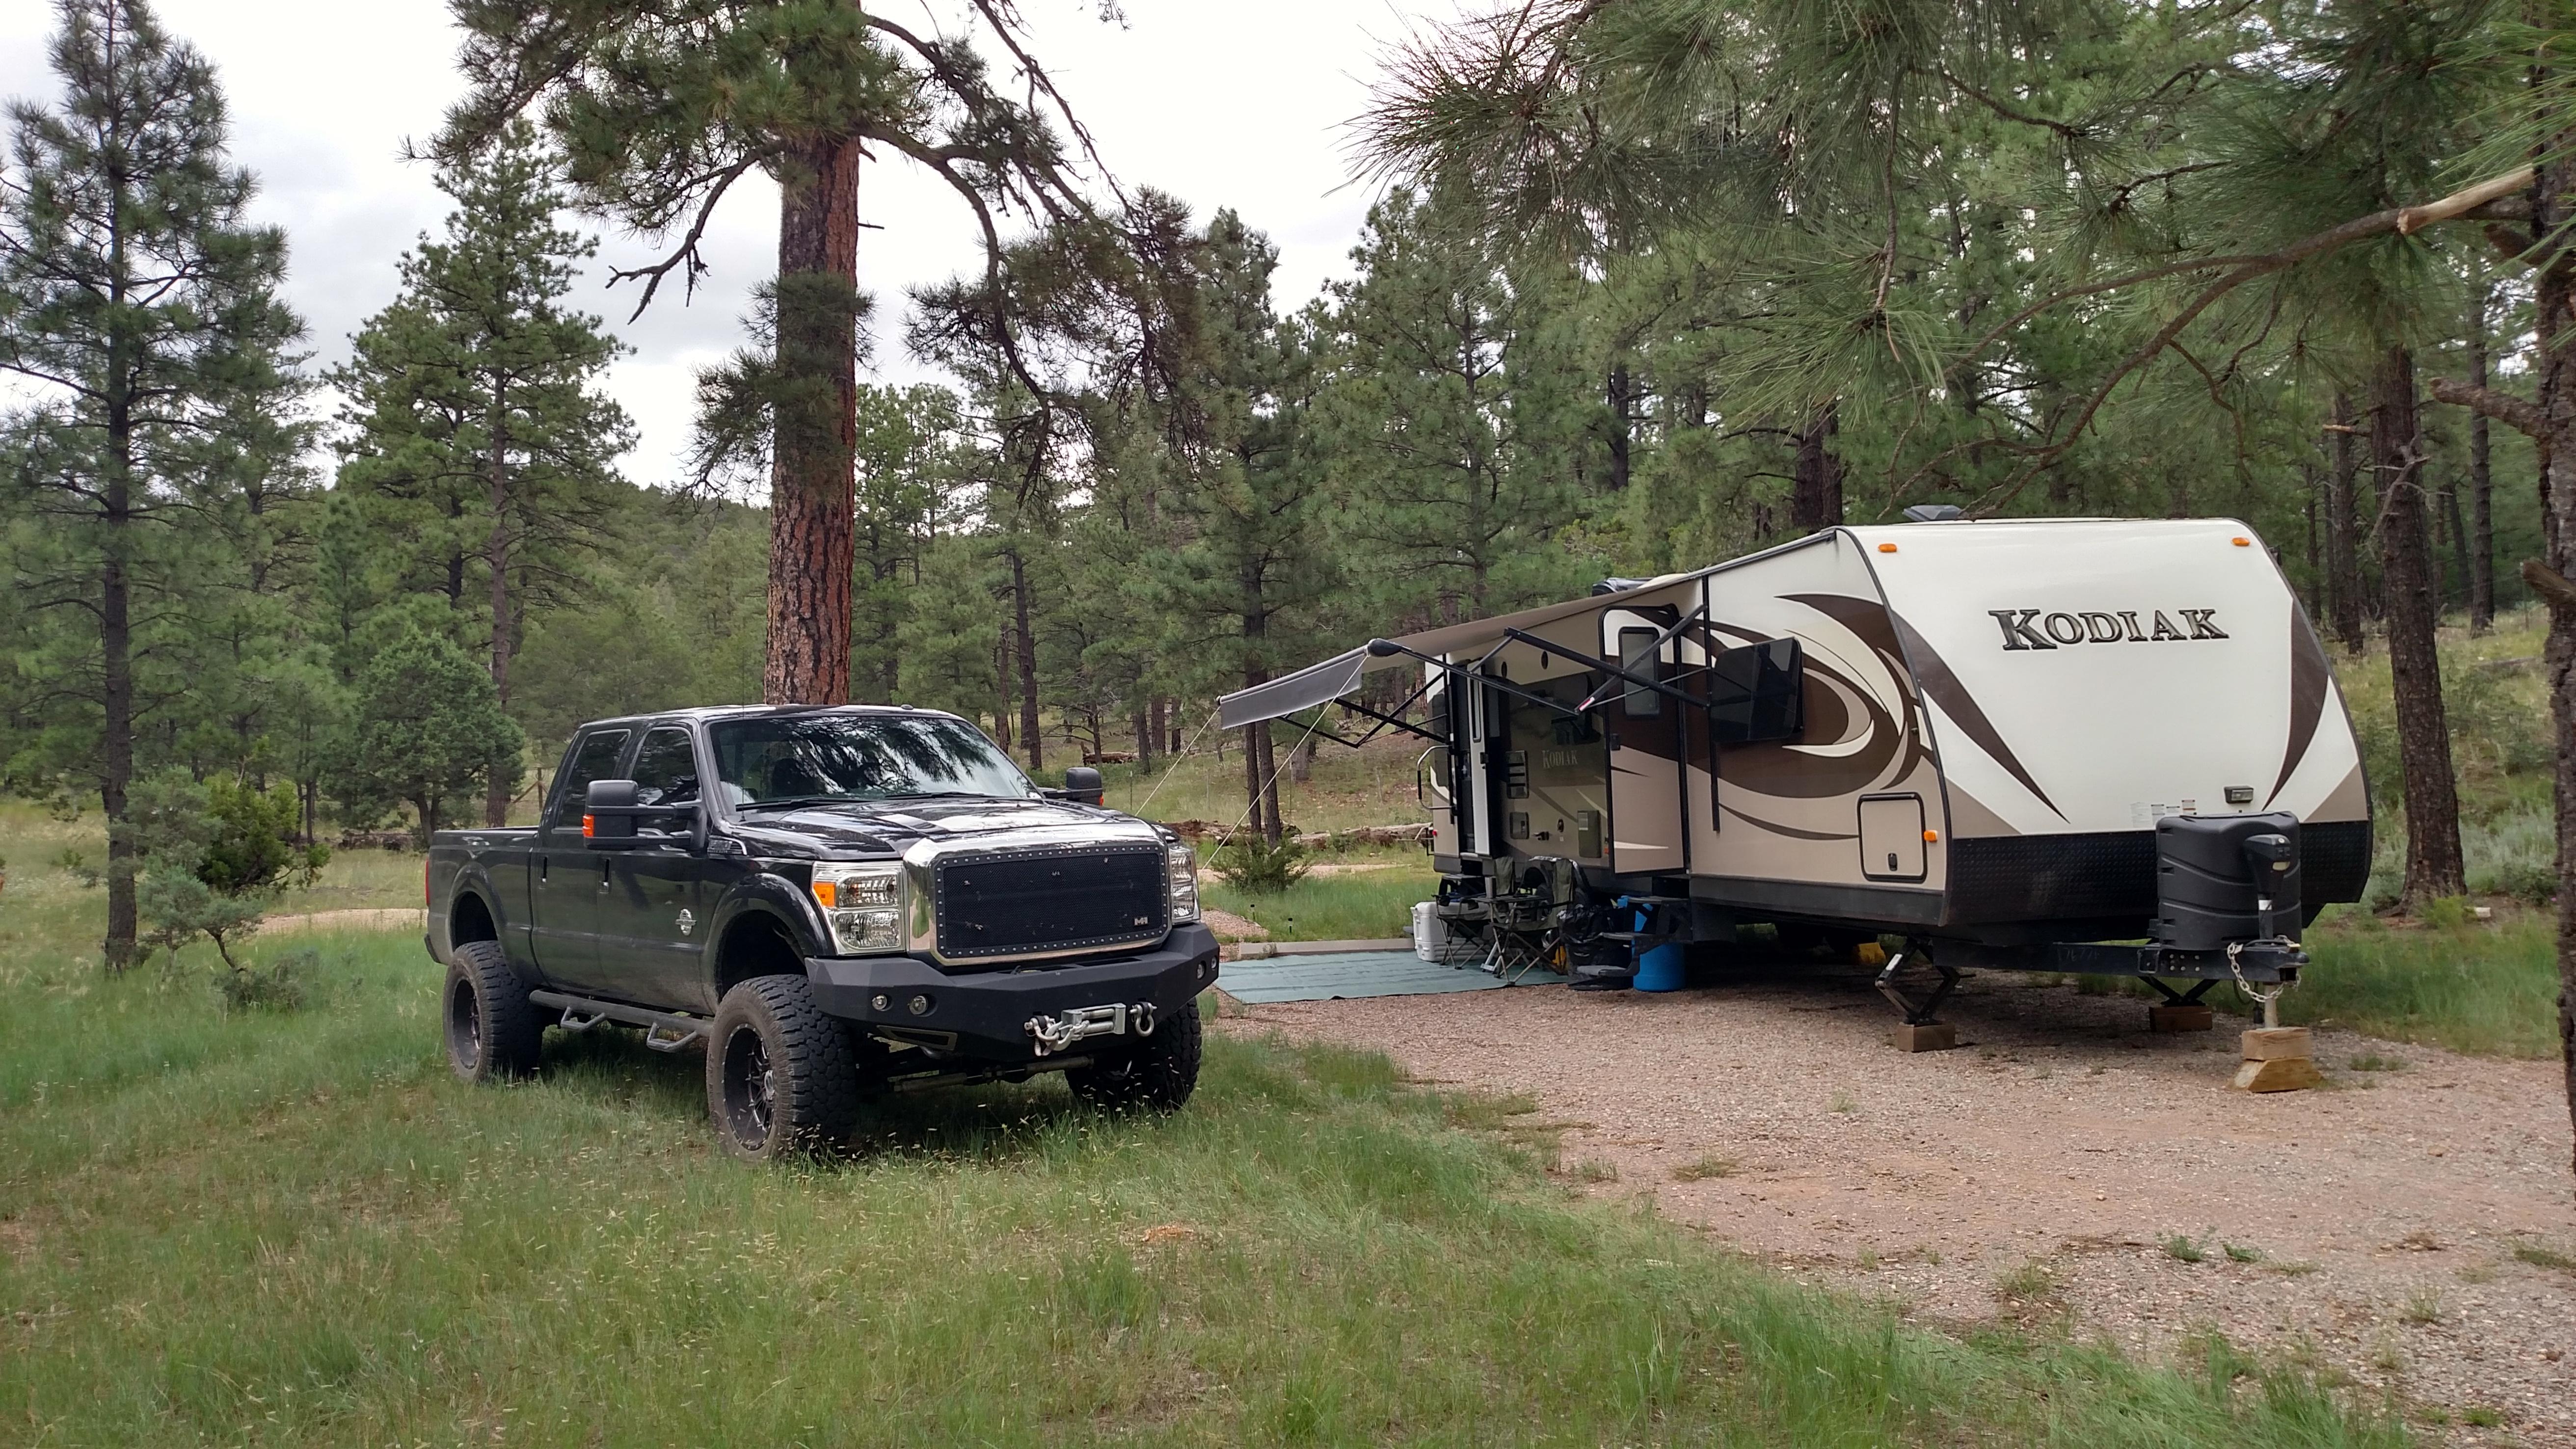 New mexico dona ana county garfield - New Mexico Dona Ana County Garfield 41